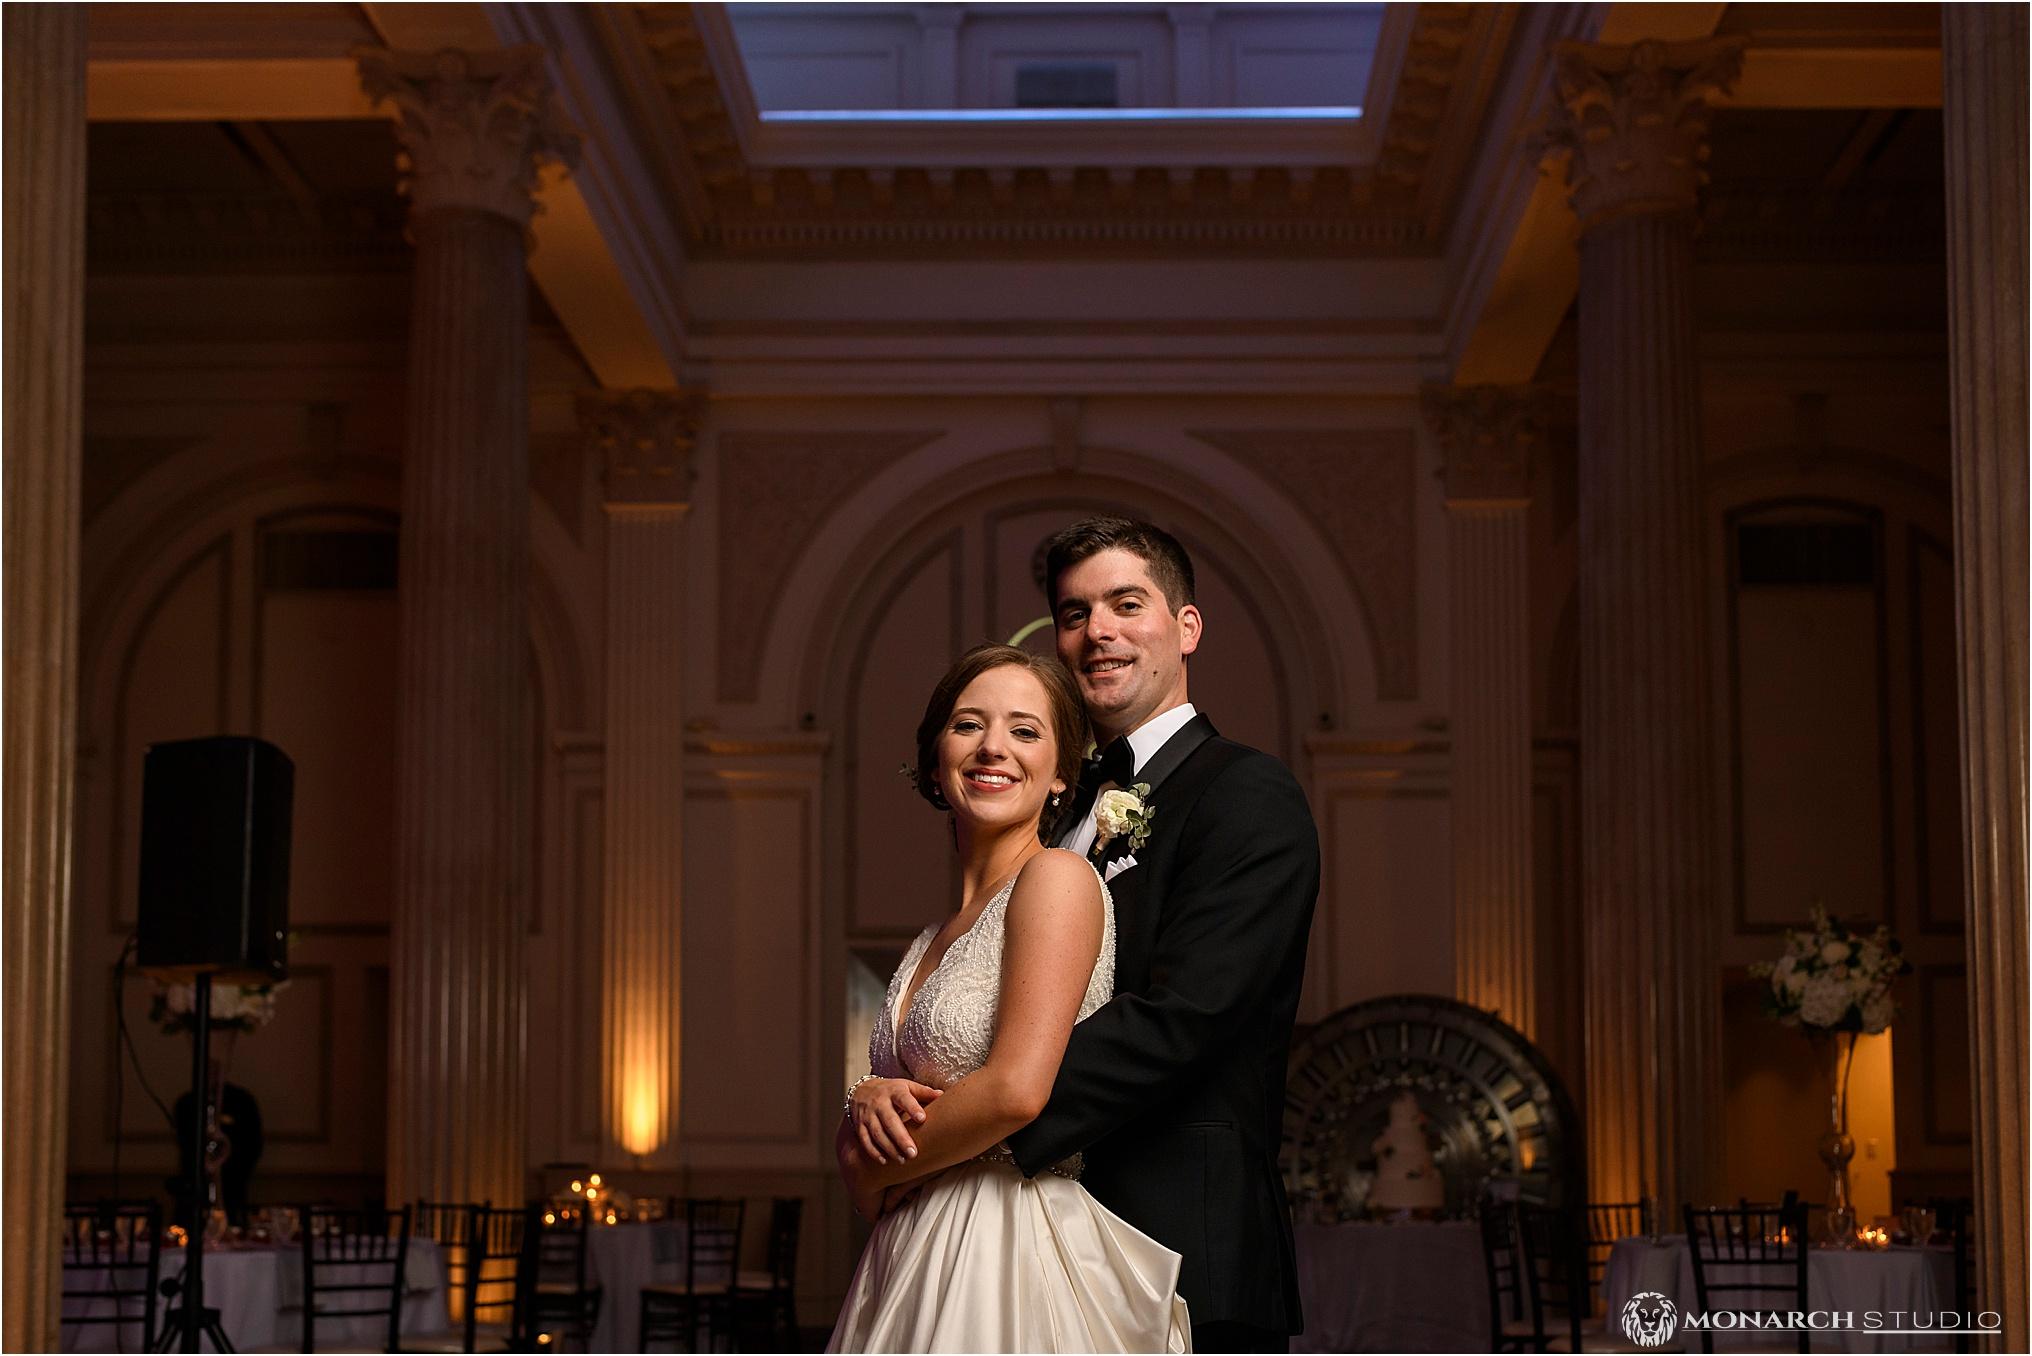 Wedding-PHotographer-in-st-augustine-2019-083.jpg